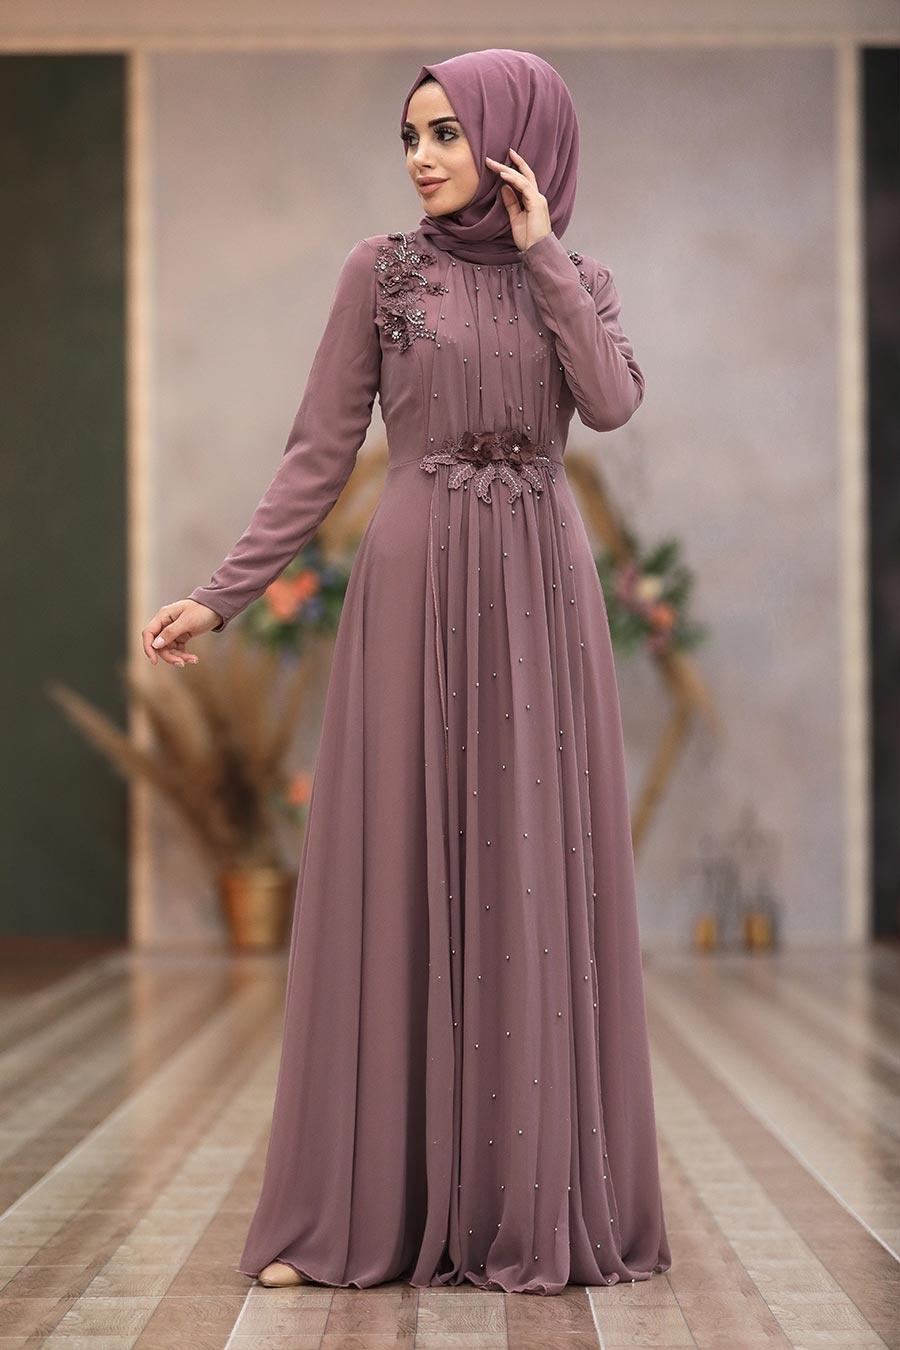 Tesettürlü Abiye Elbise - Boncuk Detaylı Gül Kurusu Tesettür Abiye Elbise 50030GK